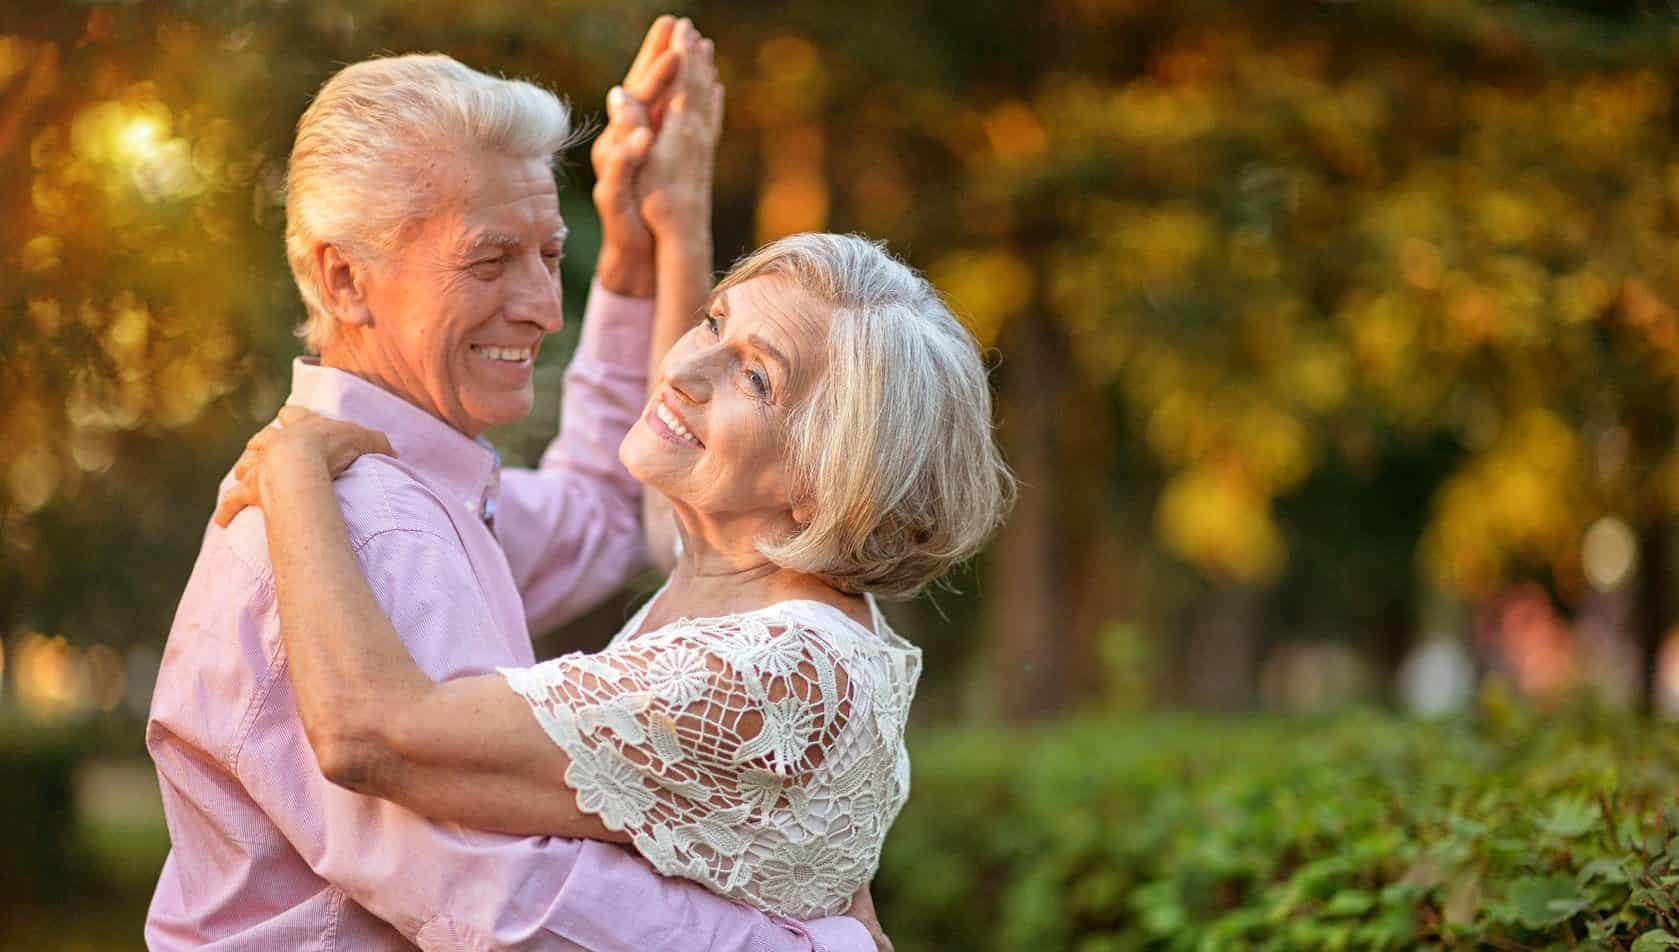 Ainda Que a Idade Me Traga o Ritmo Lento Não Deixarei de Dançar